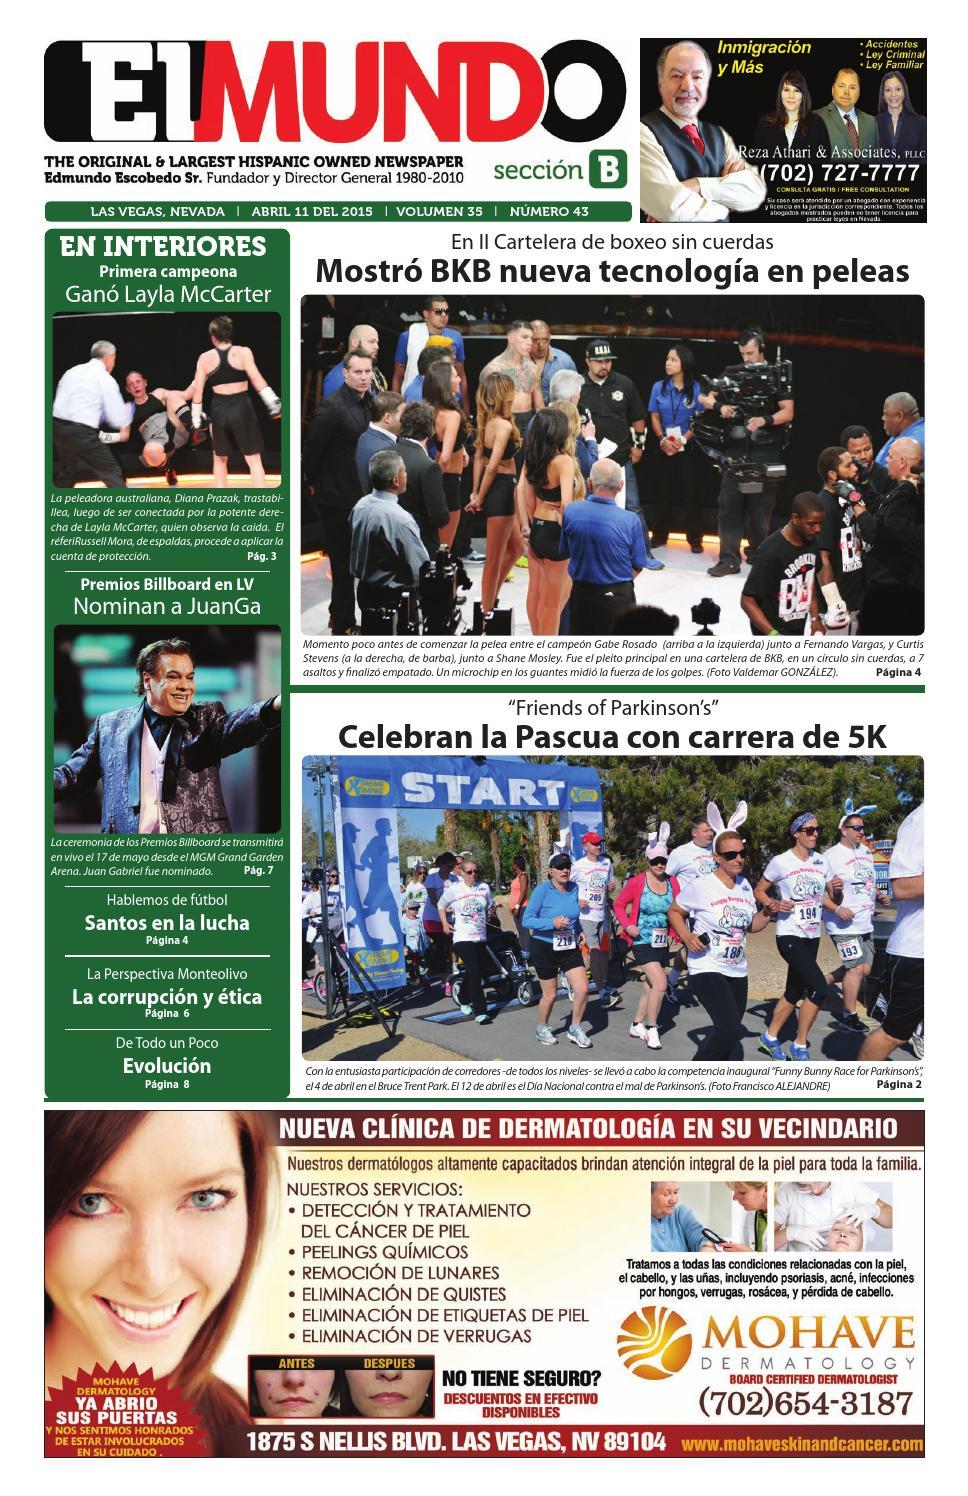 EM-LV 20150411 B by El Mundo Ltd - issuu